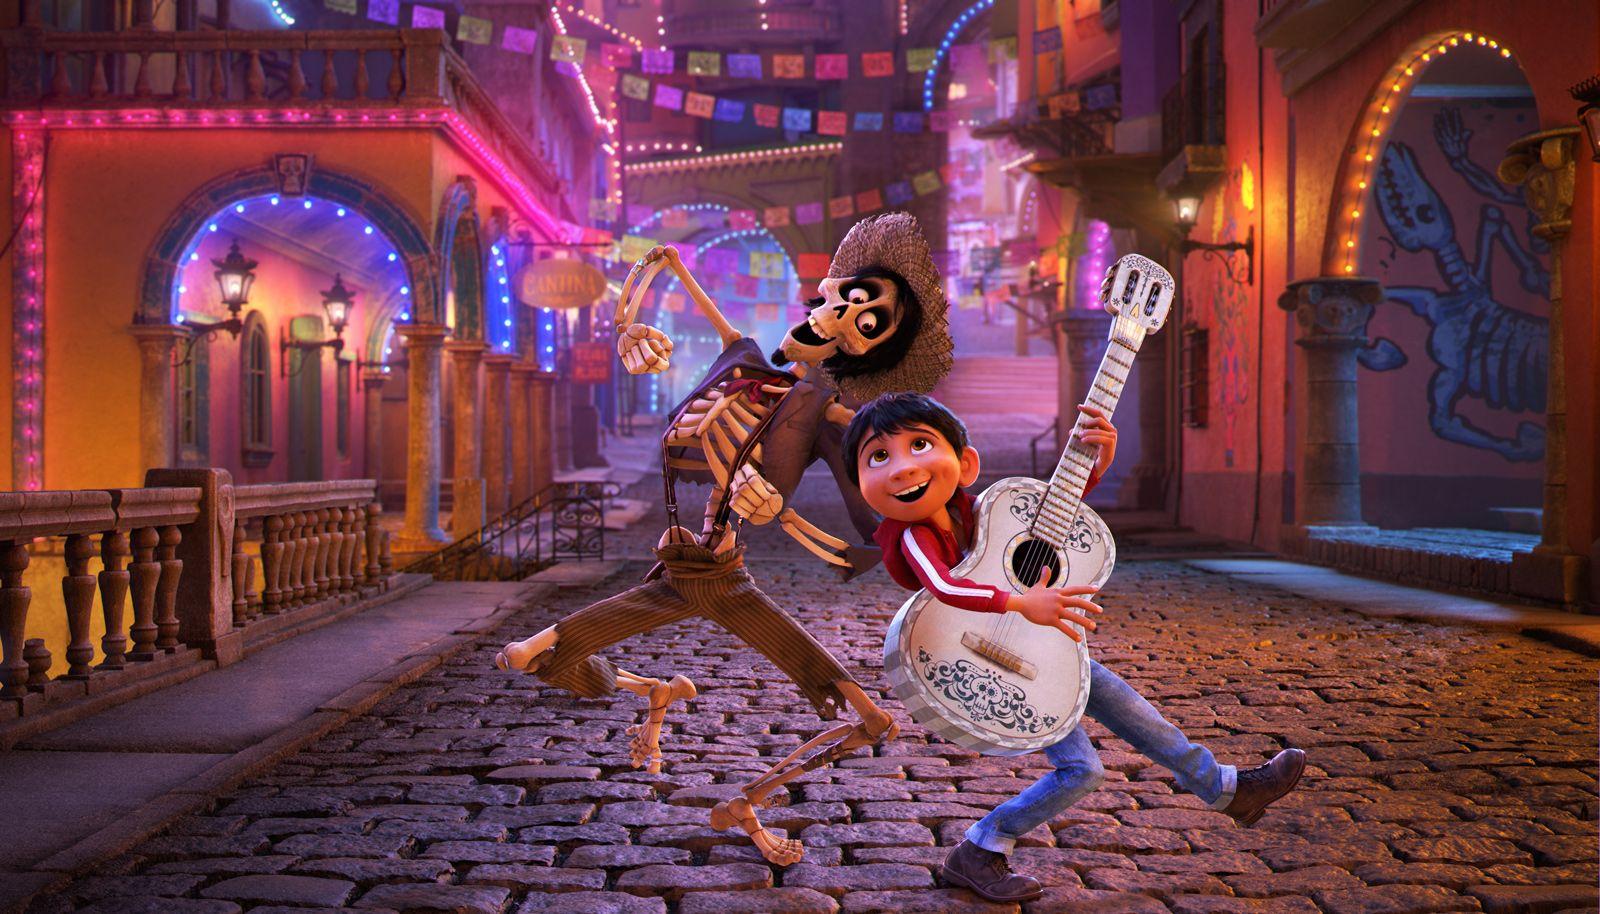 La mort est une fête dans le dessin animé Coco